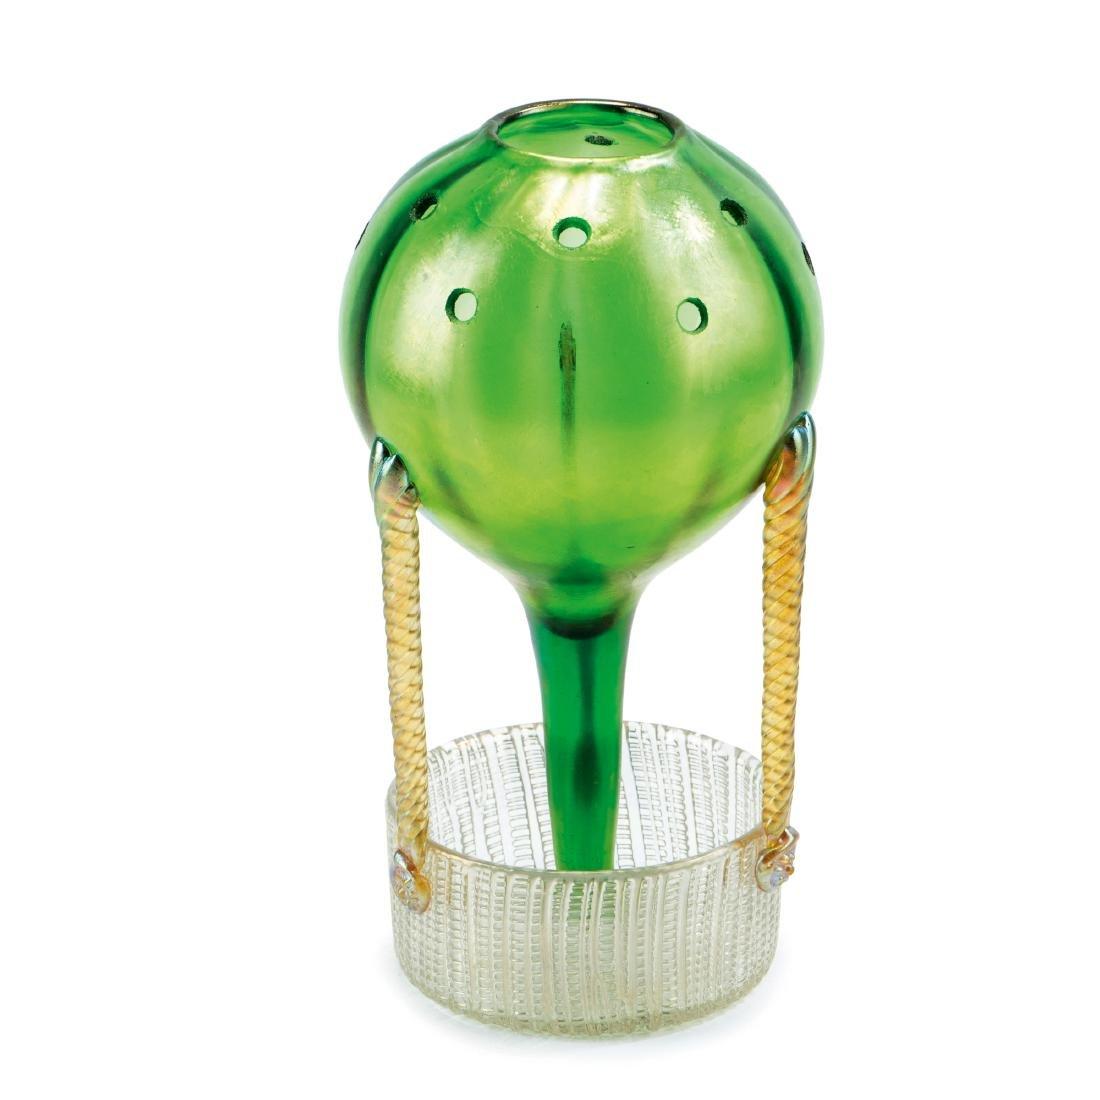 Decorative vase, c1904-10